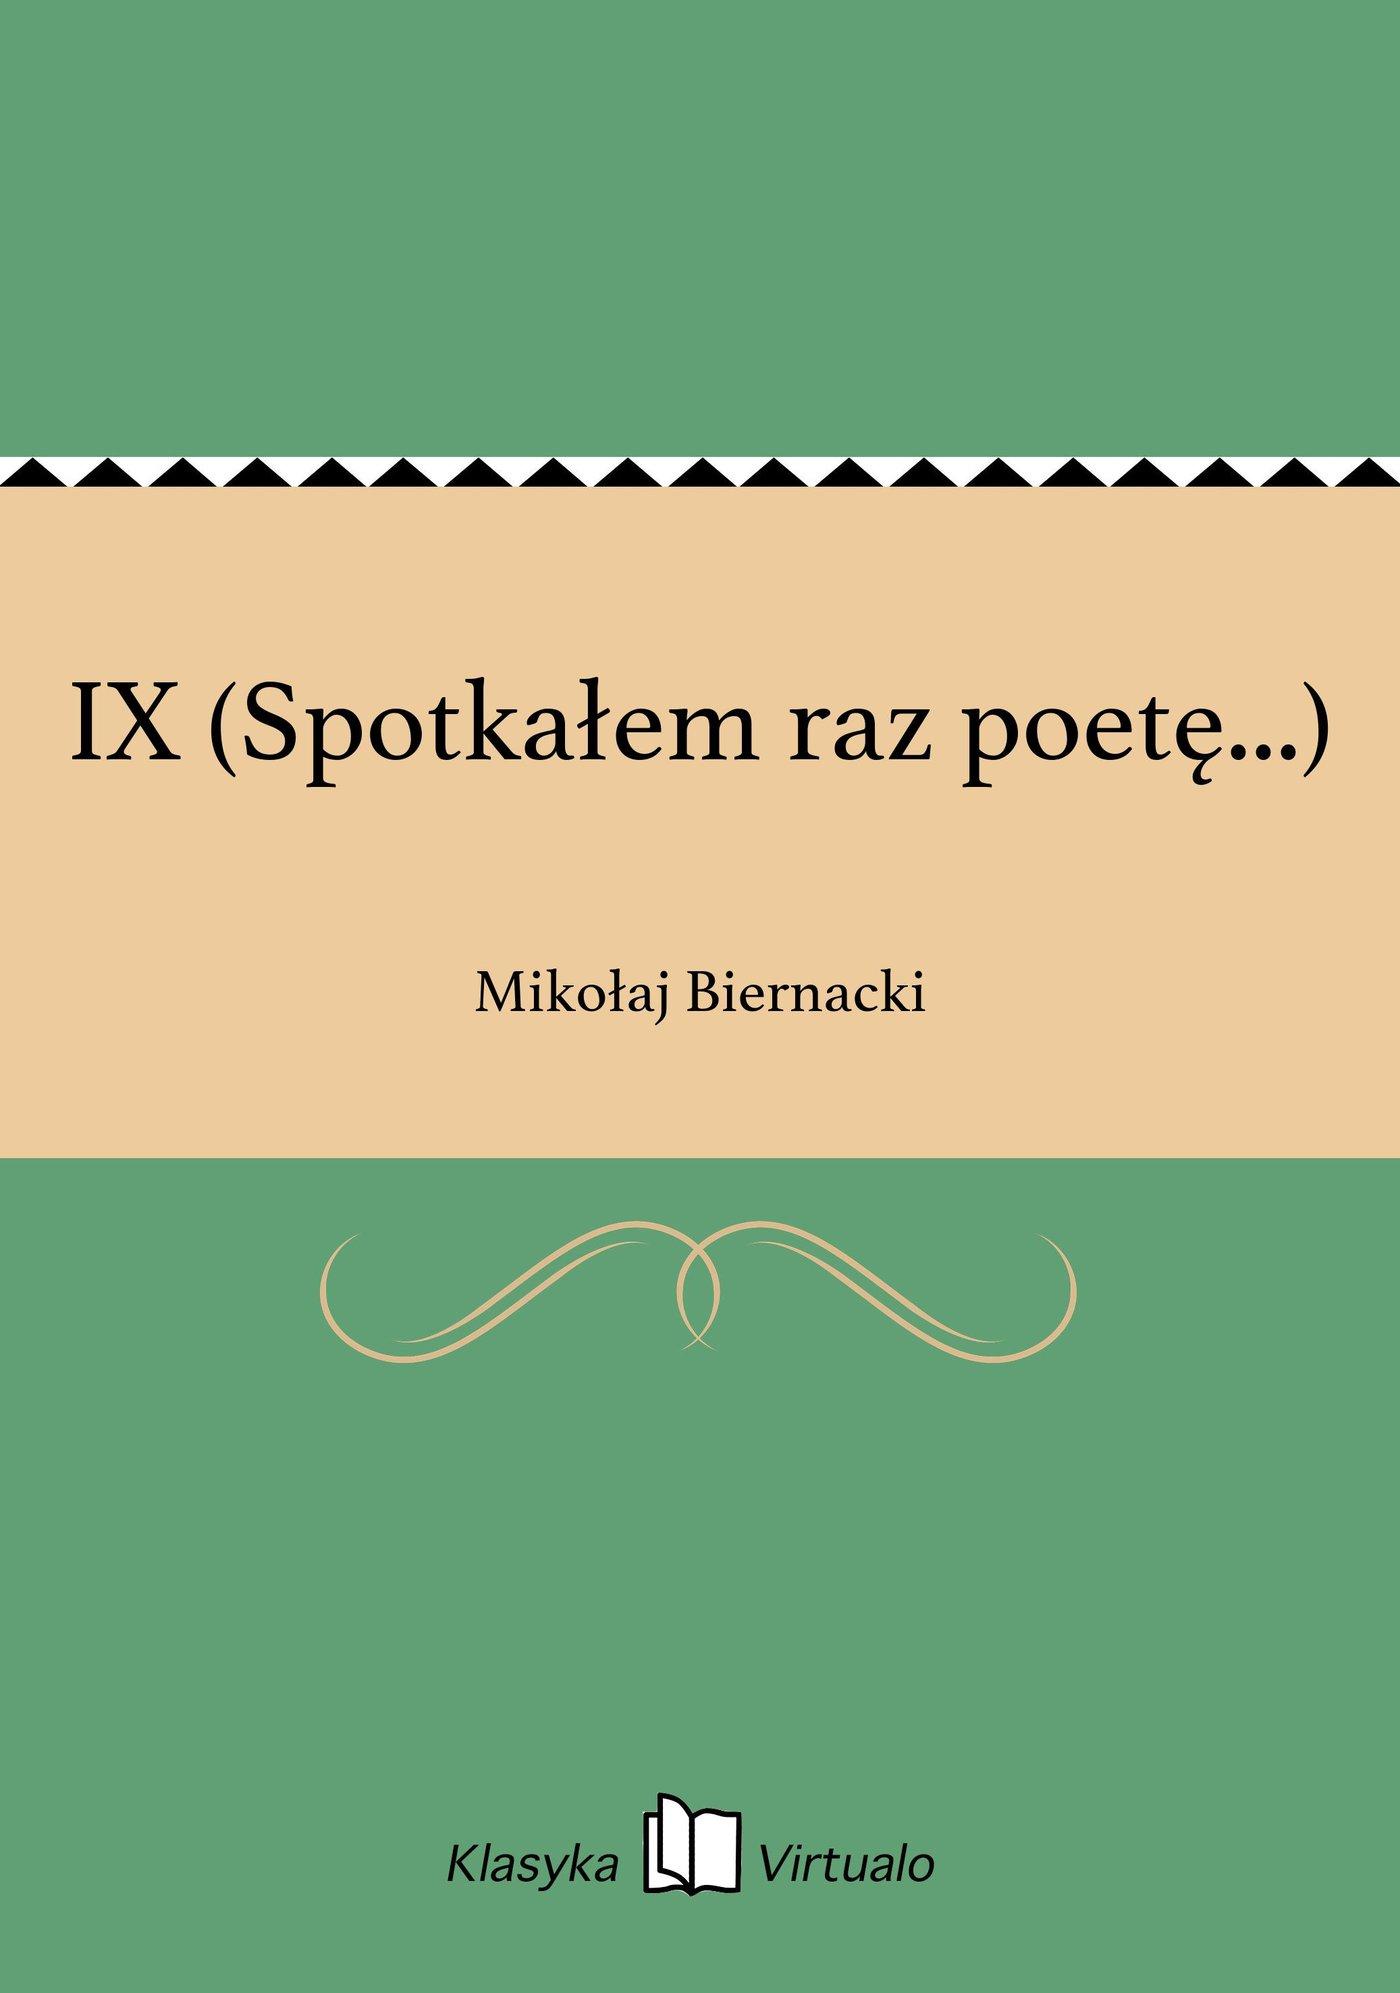 IX (Spotkałem raz poetę...) - Ebook (Książka EPUB) do pobrania w formacie EPUB